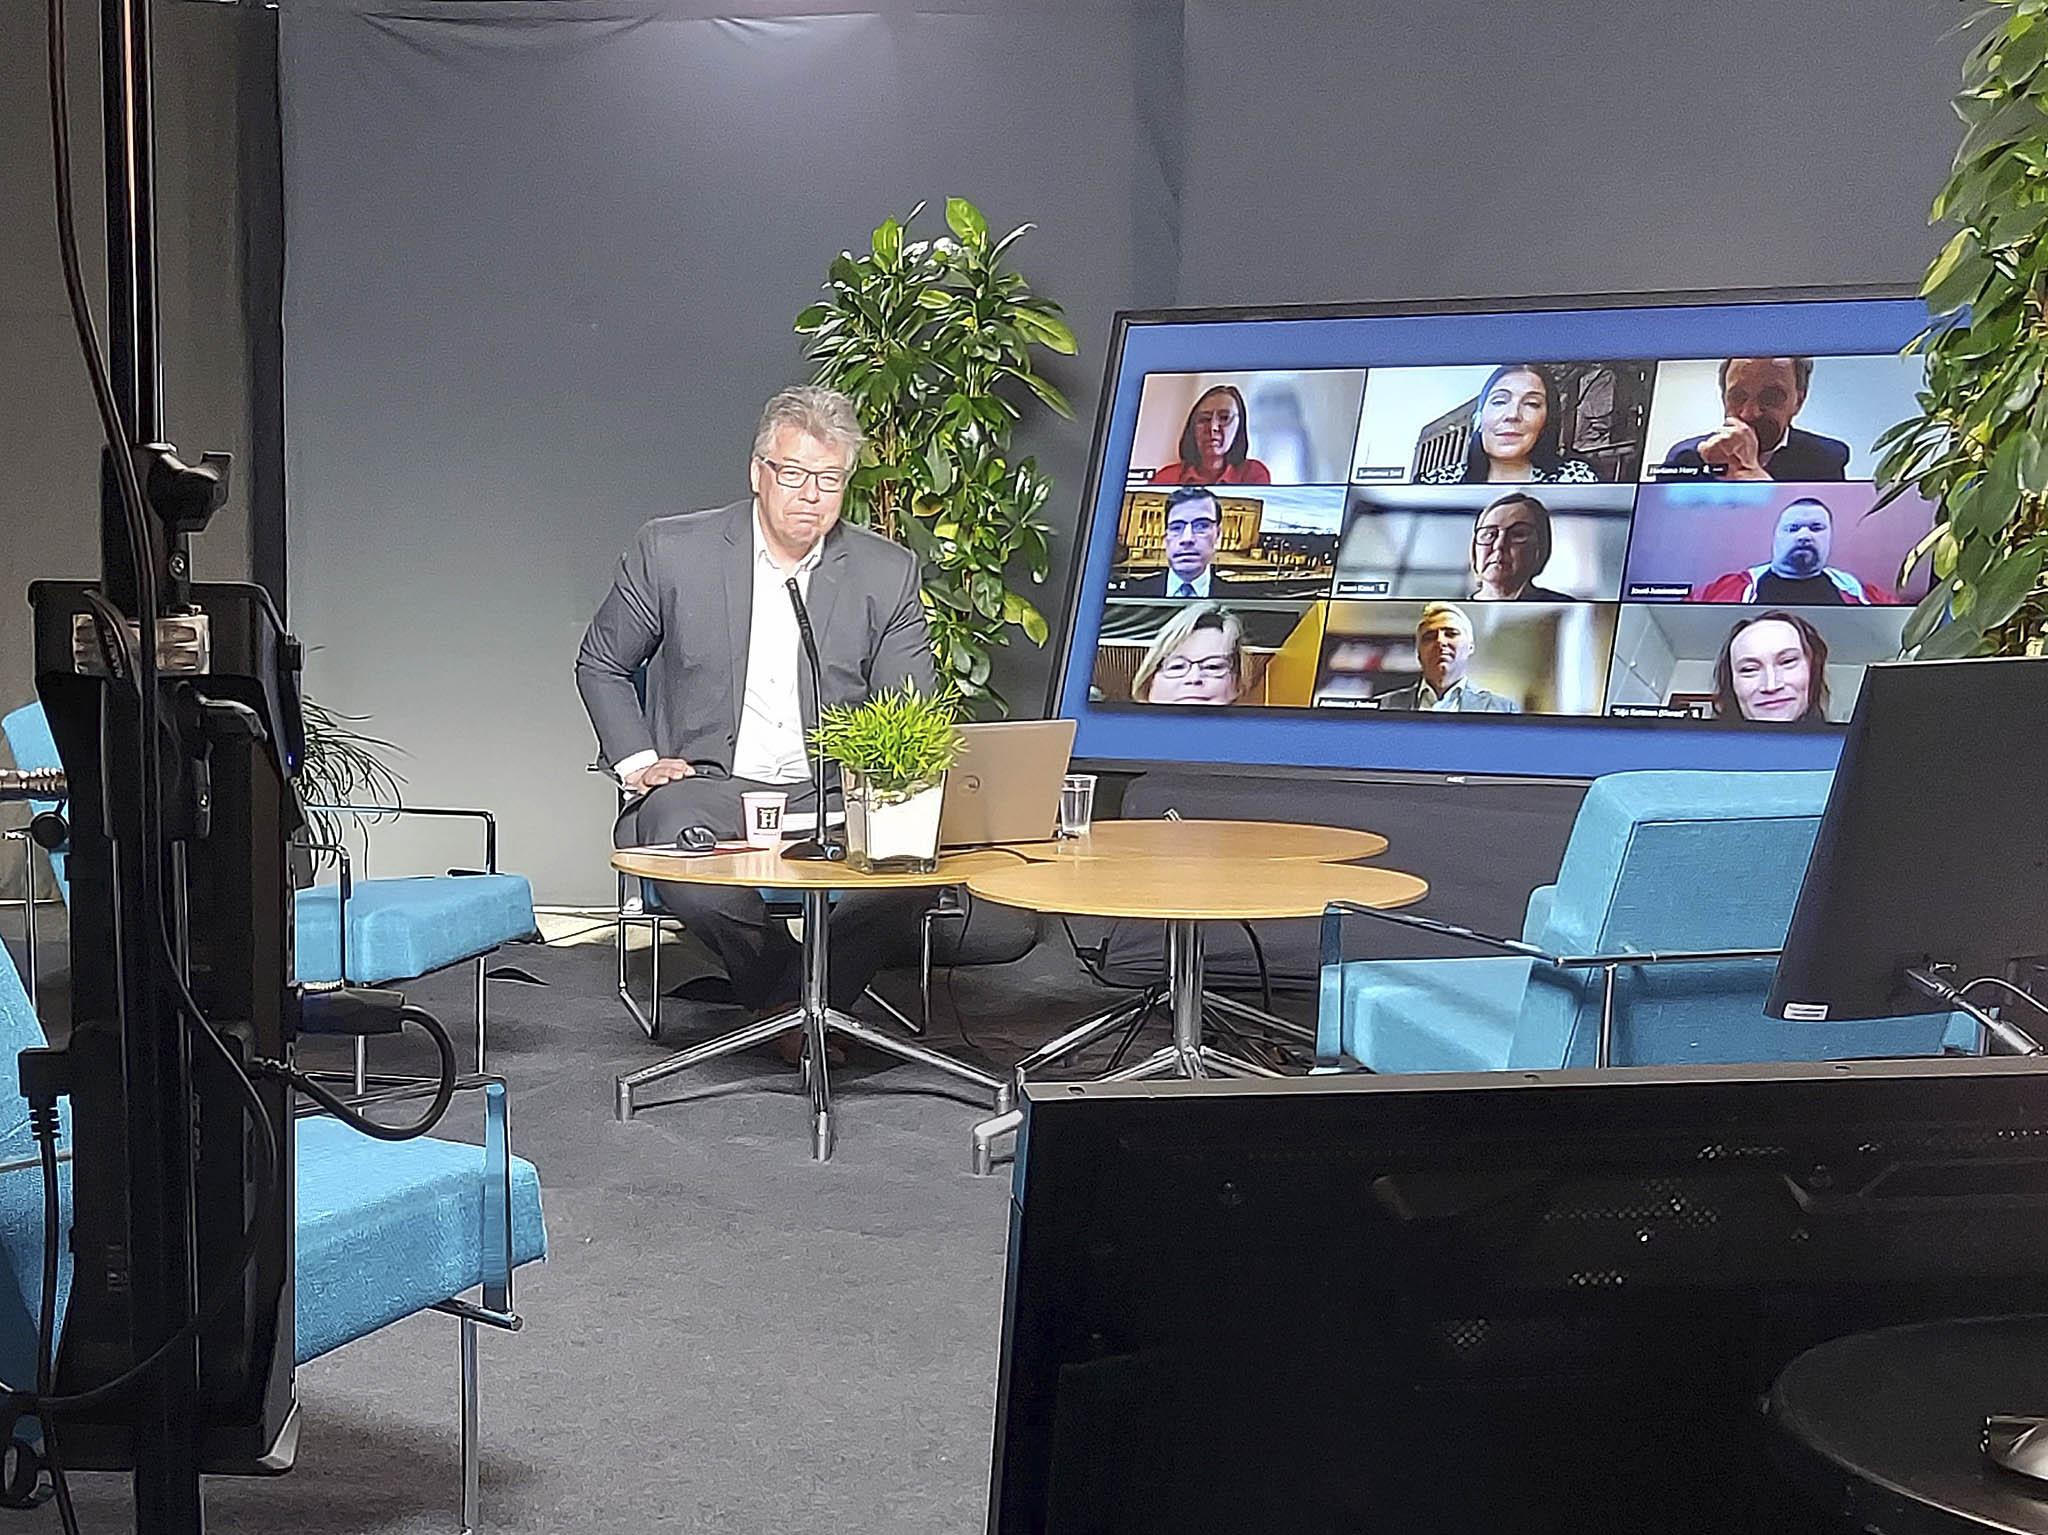 Paneelin juontaja Jussi Kärki istuu tv-studion tuolilla, isolla näytöllä hänen vieressään näkyvät yhdeksän eduskuntapuolueen edustajat, kukin omassa pienessä ruutukuvassaan.